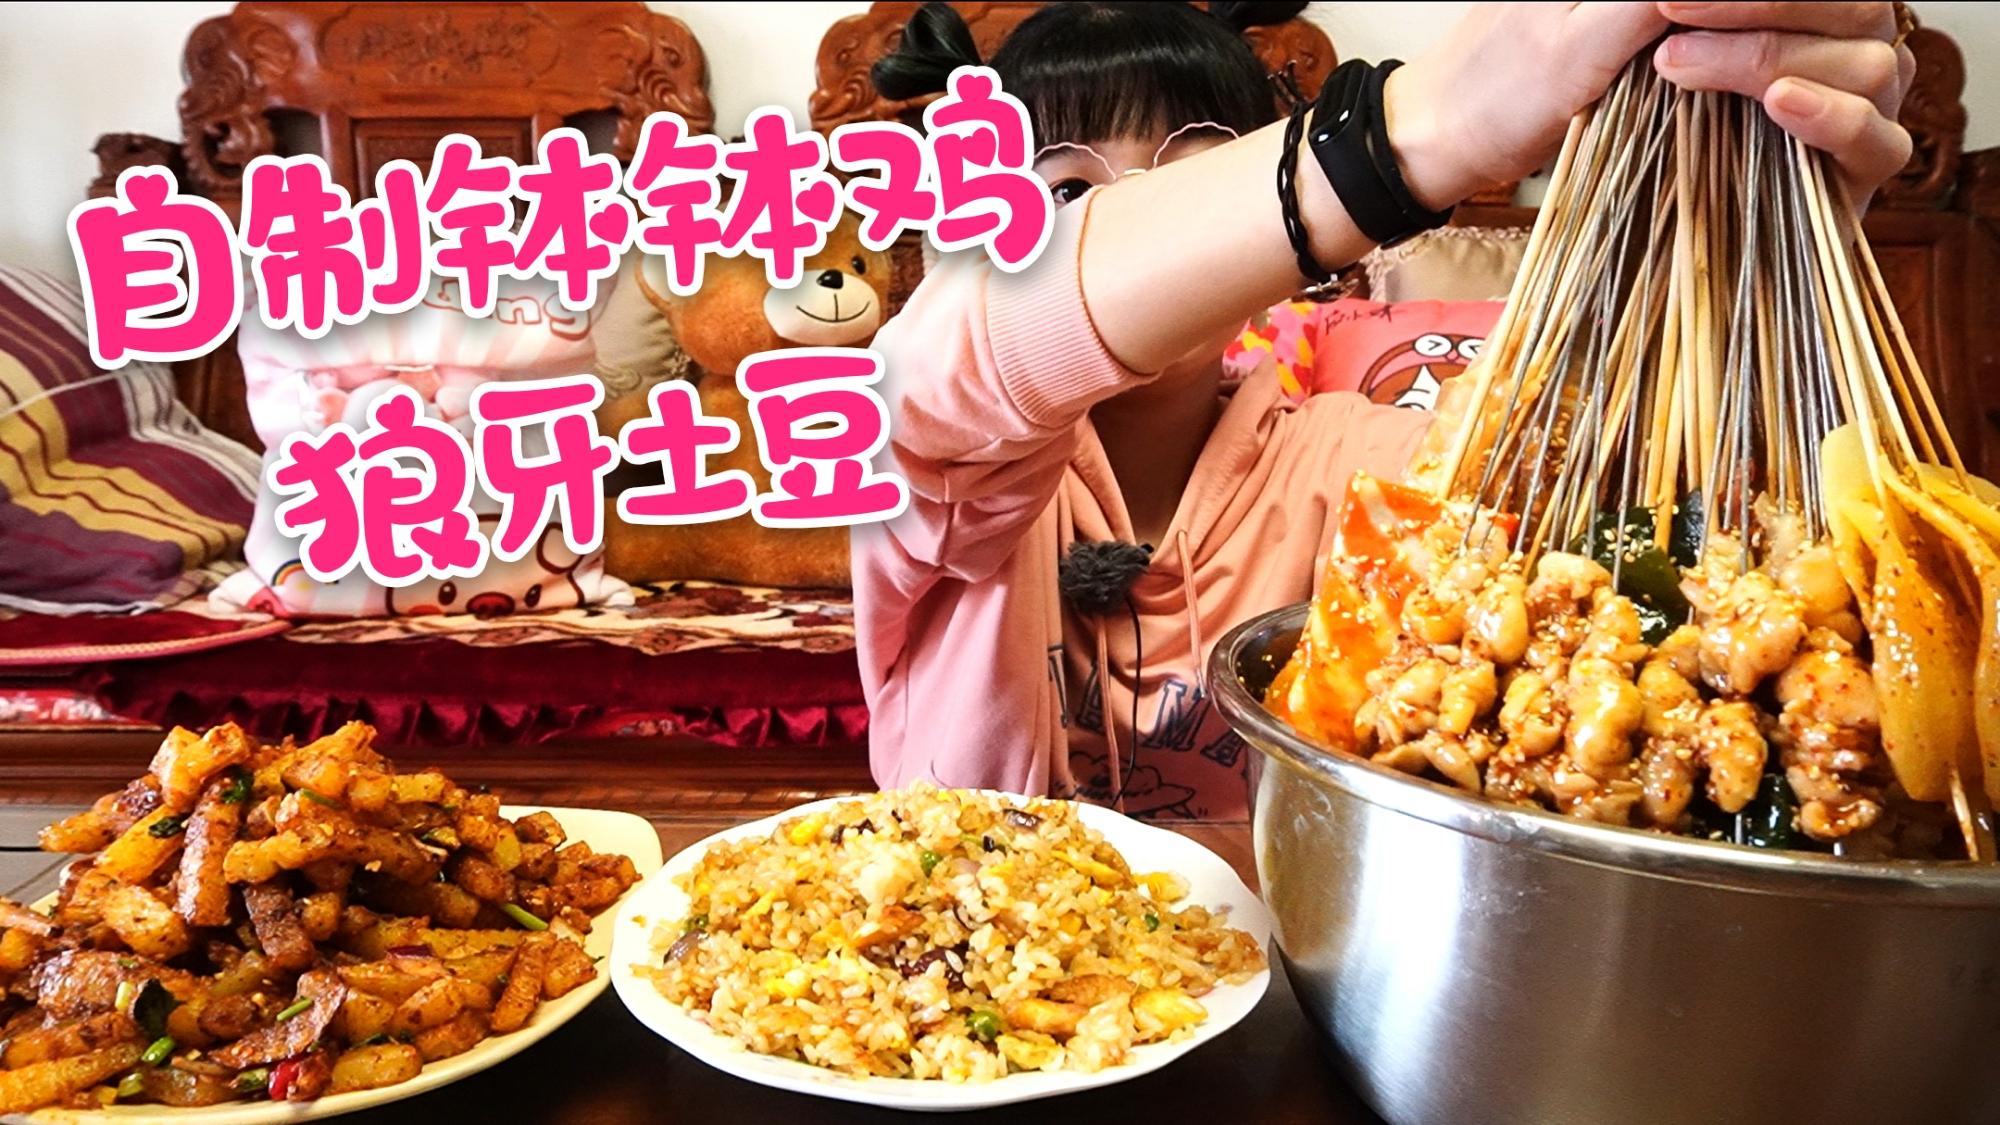 【小猪猪的vlog】宅家自制红油钵钵鸡,狼牙土豆、蛋炒饭